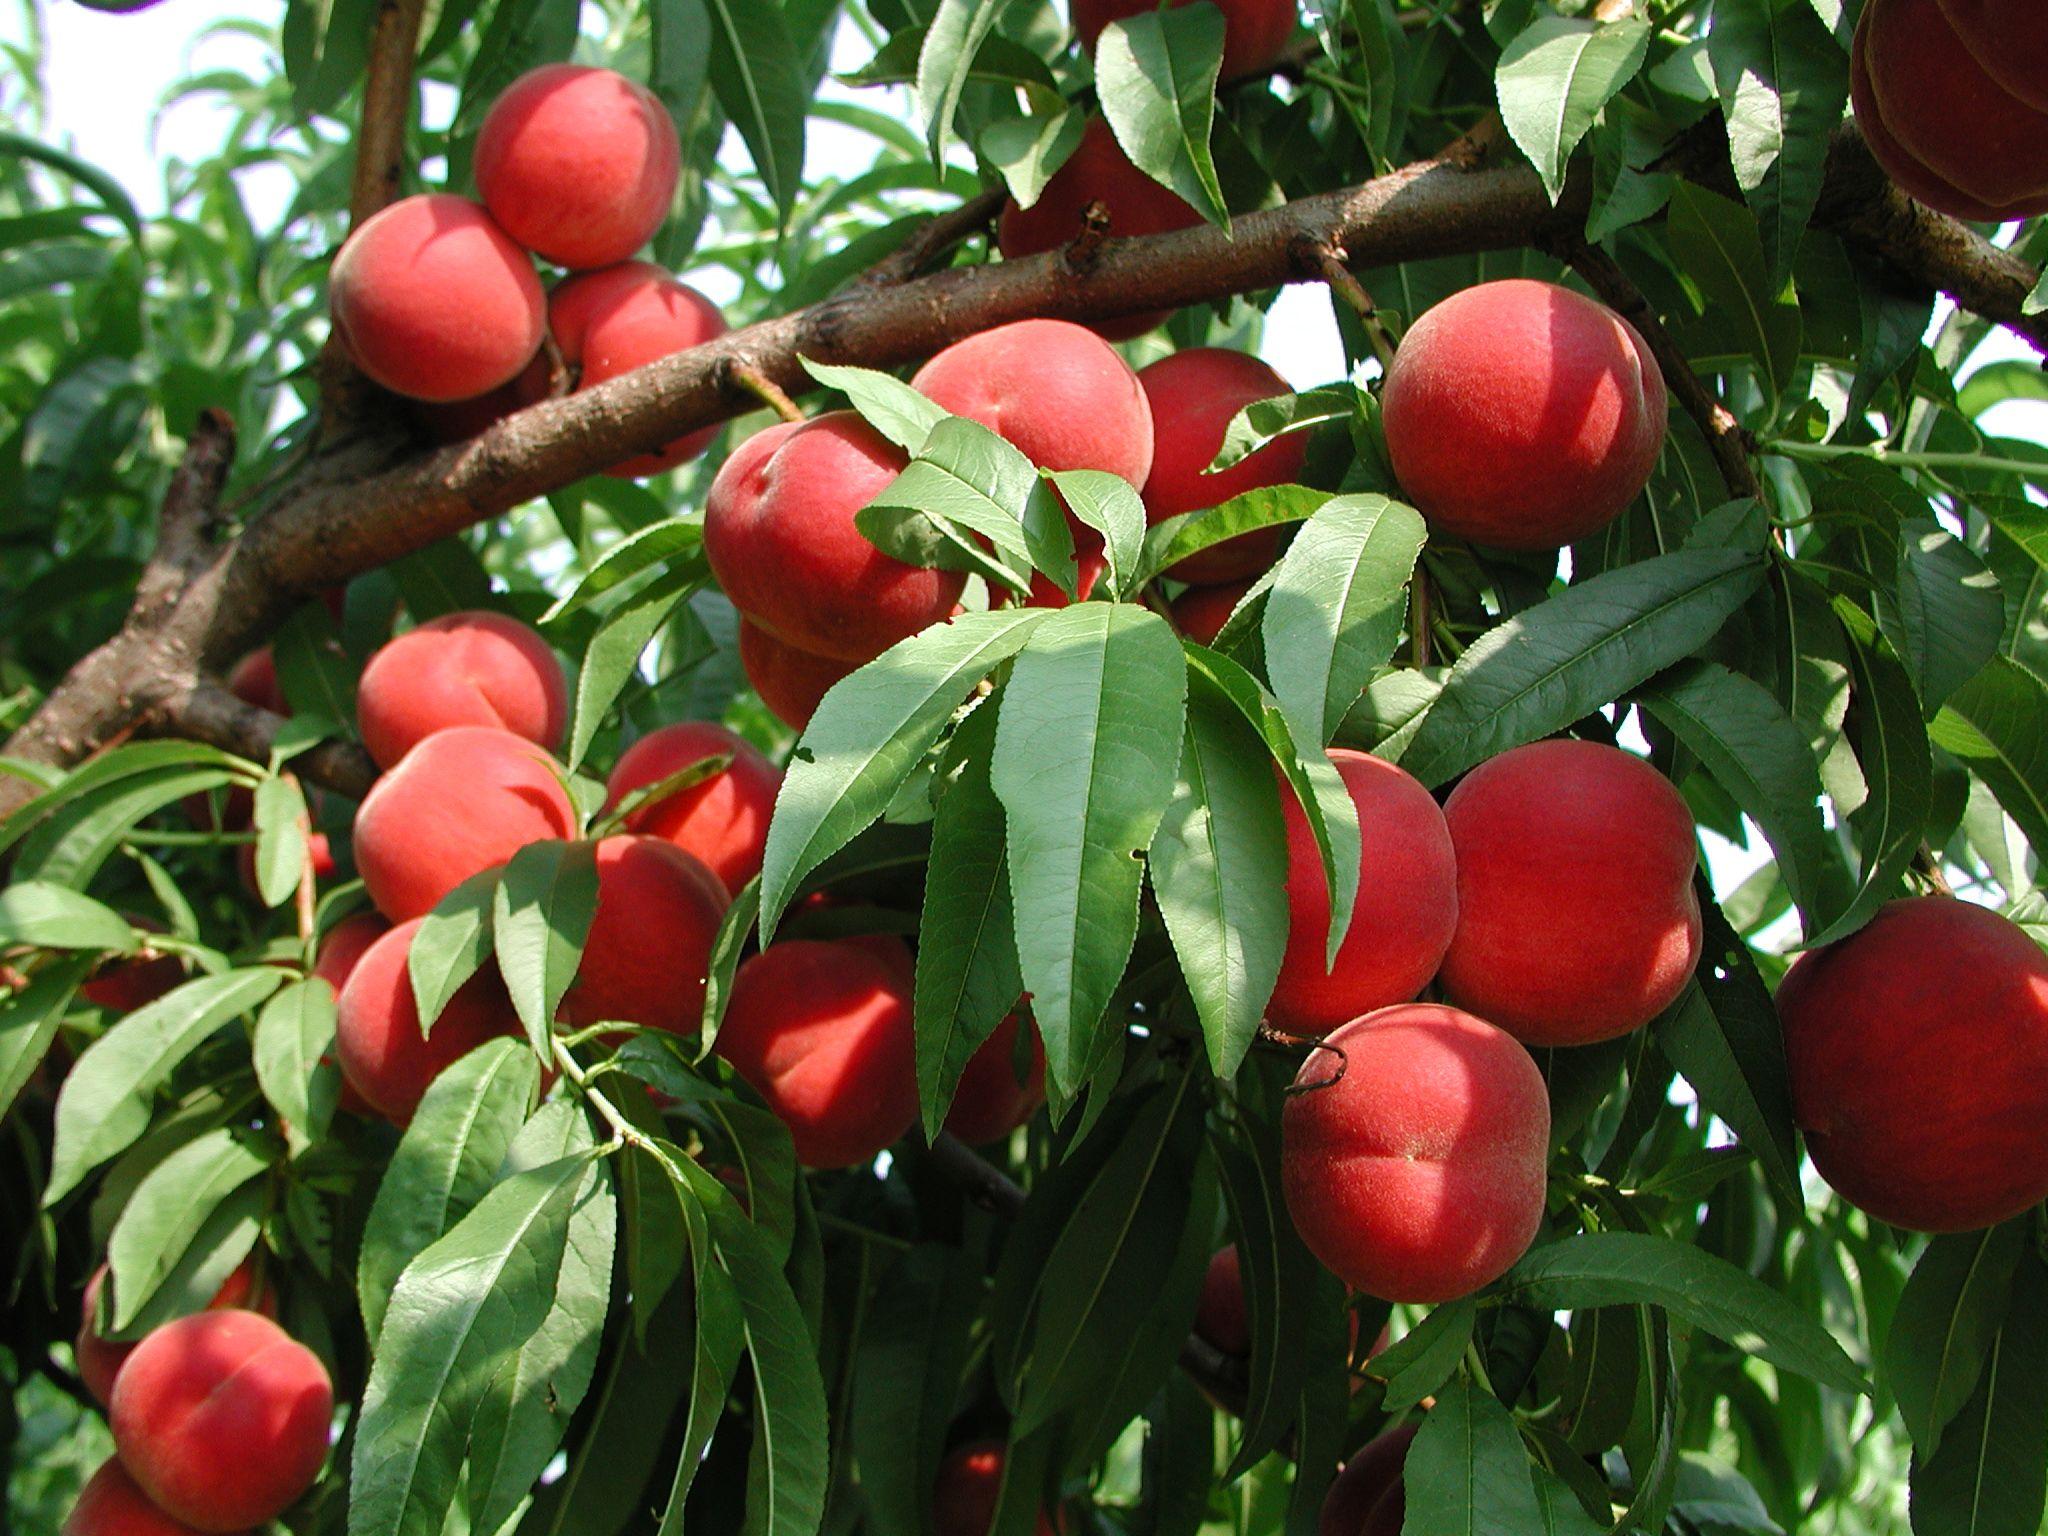 Rutgers Njaes Tree Fruit